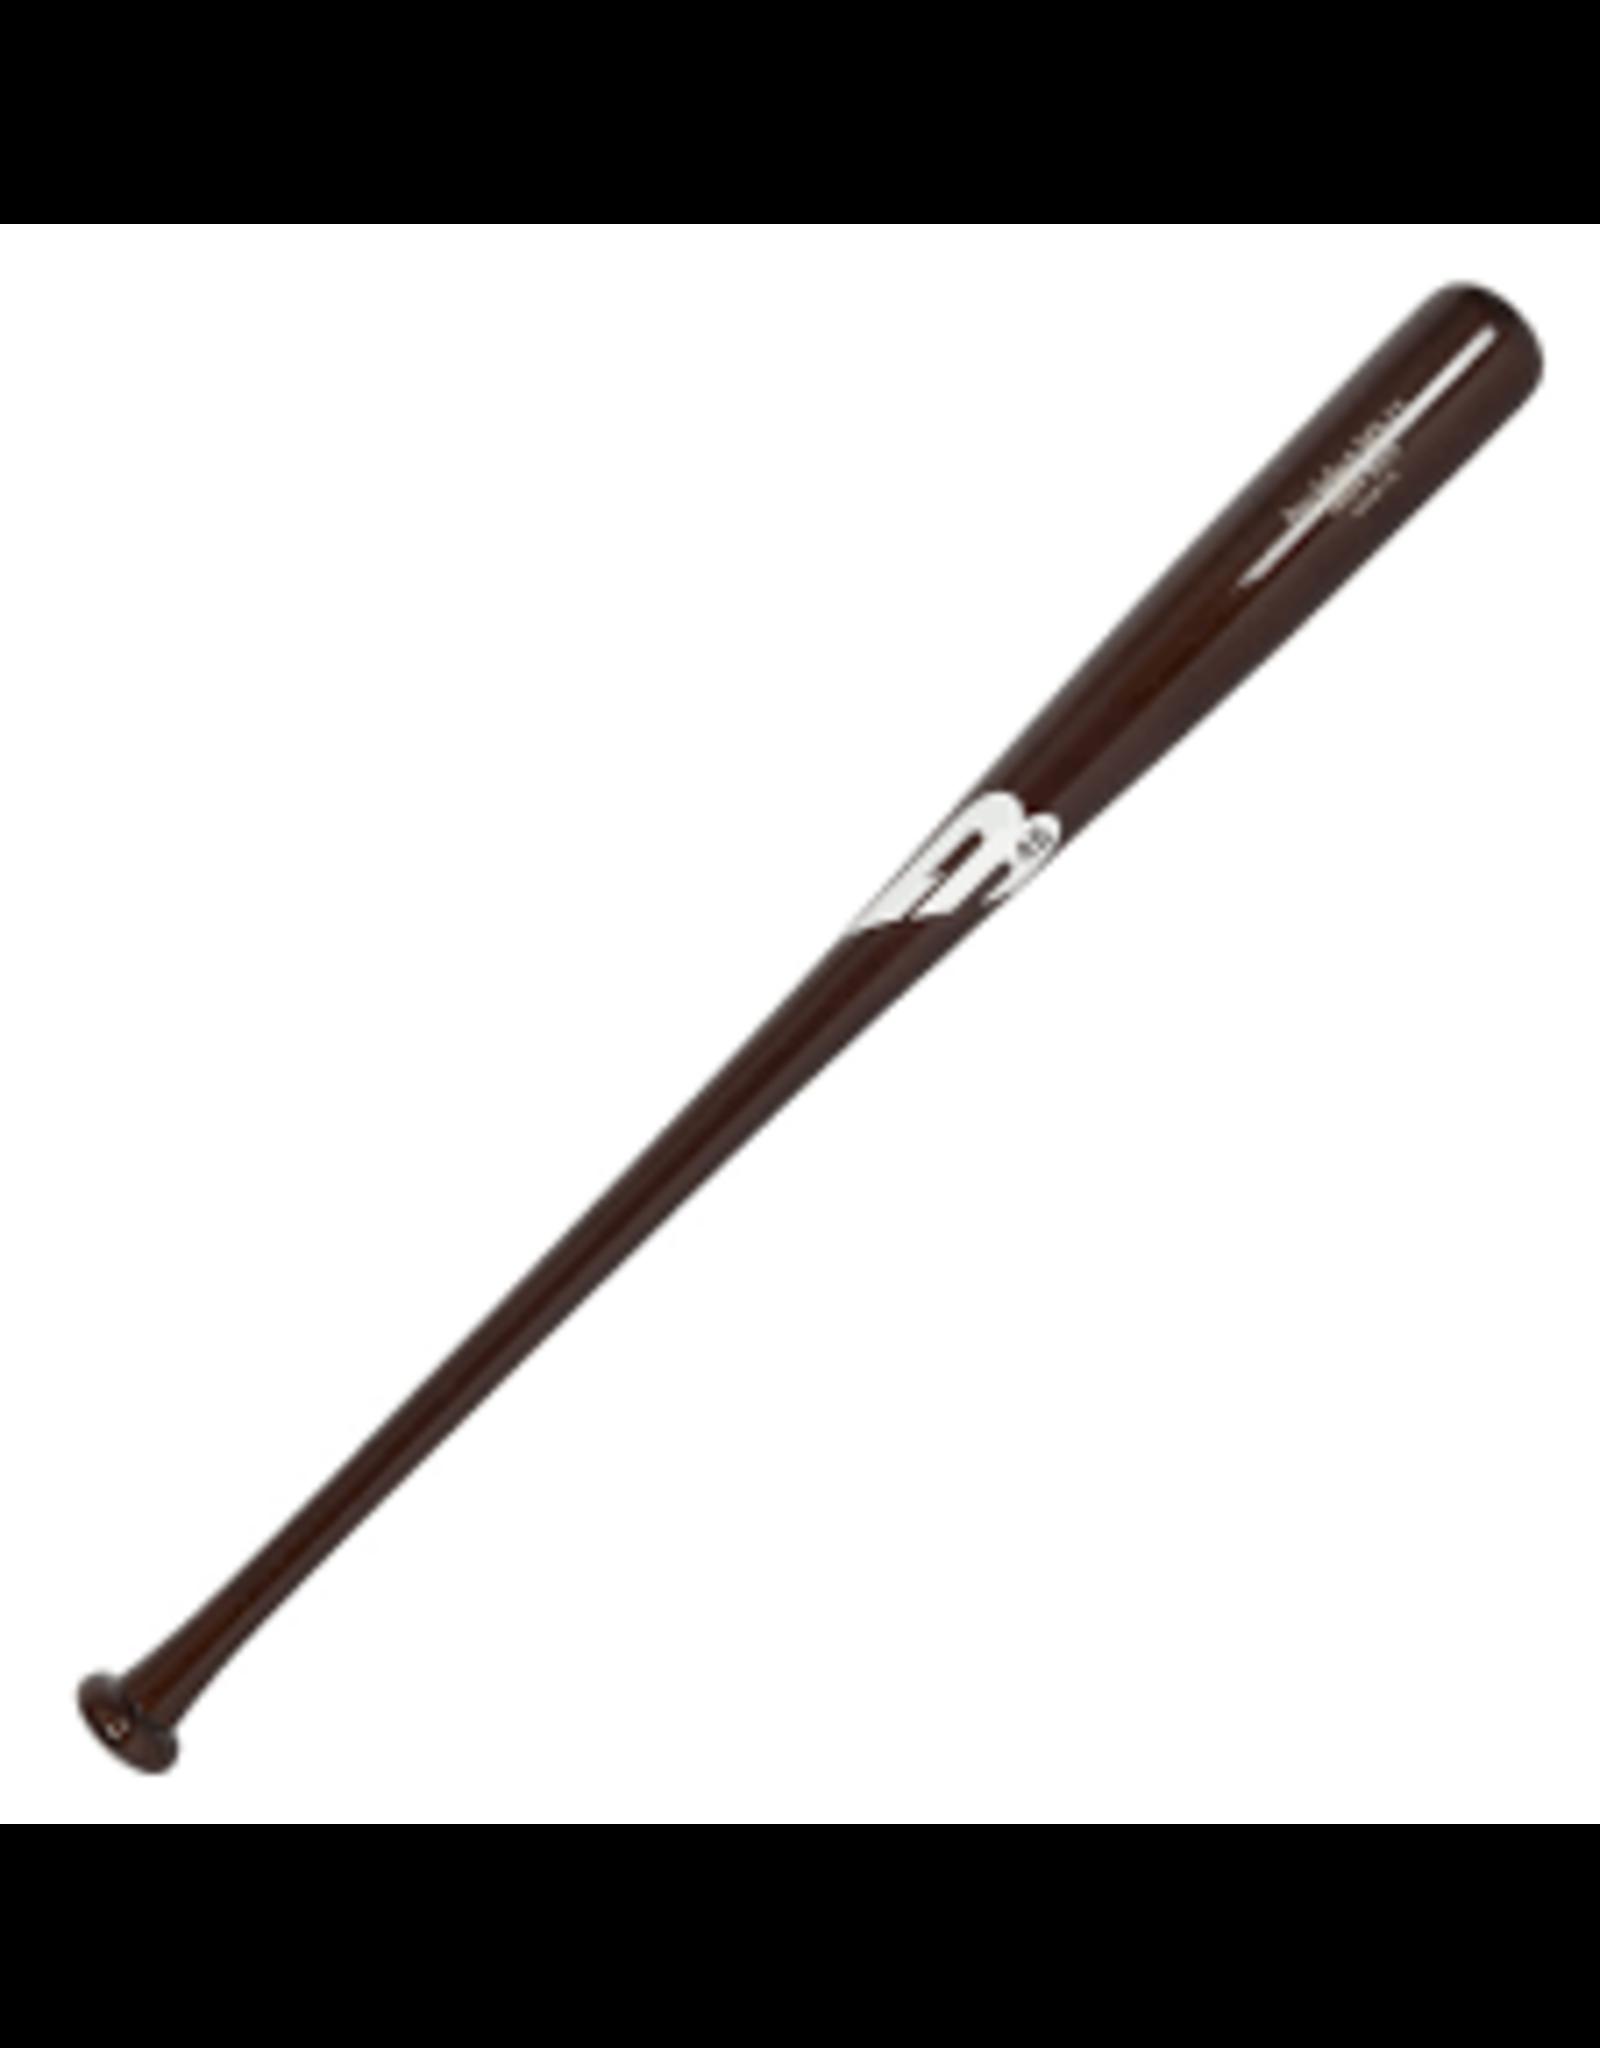 B45 B45 - Baton Pro-Select Adulte - Modele TJ19 (34-31)